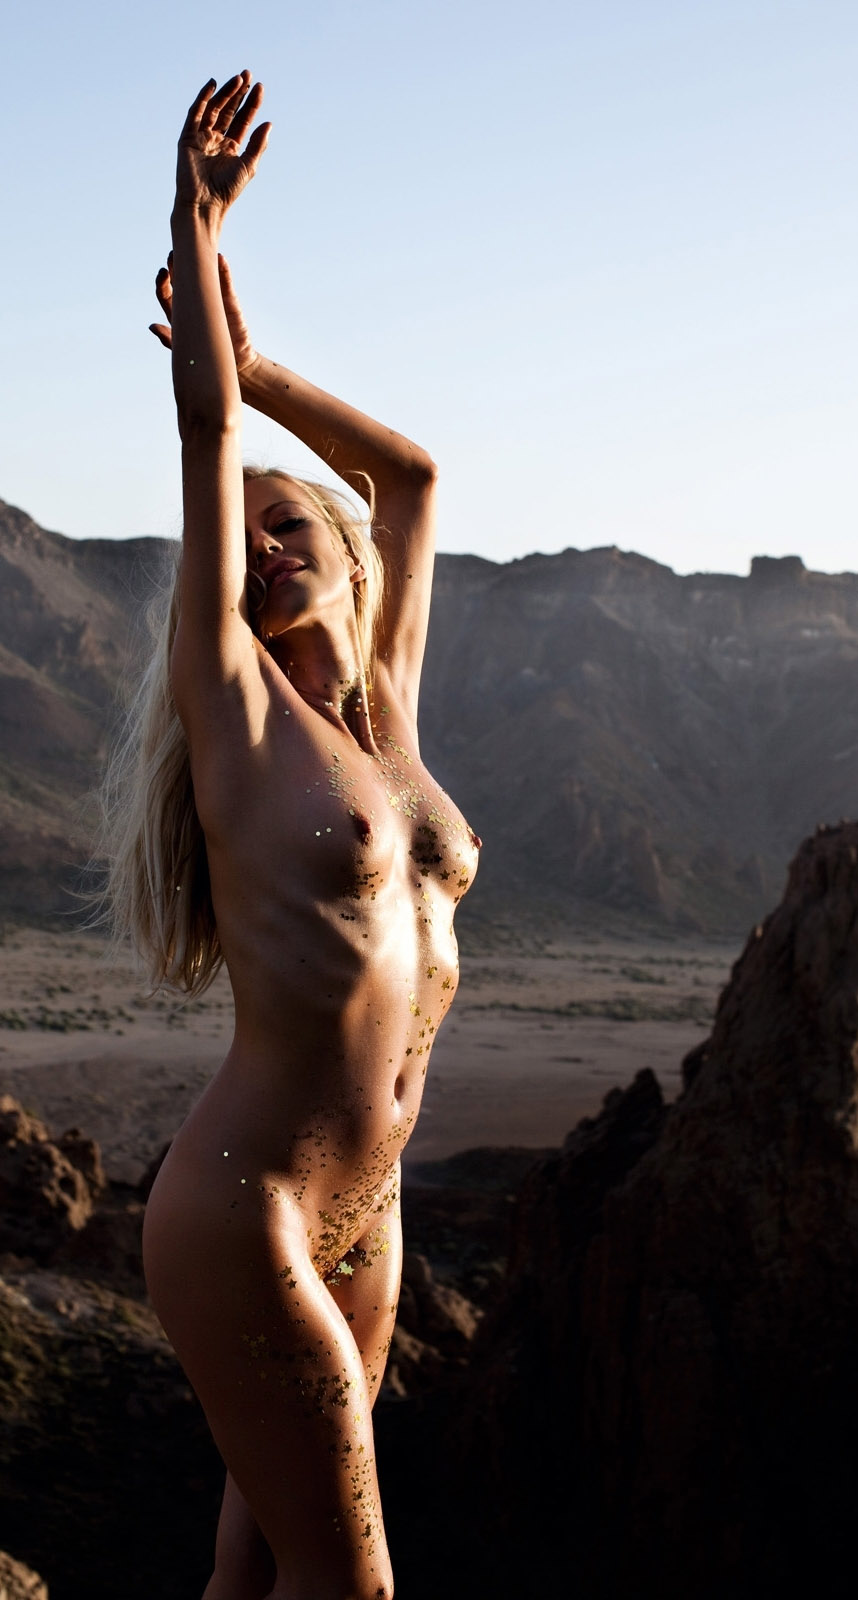 Аннеке Дюркопп голая. Фото - 7